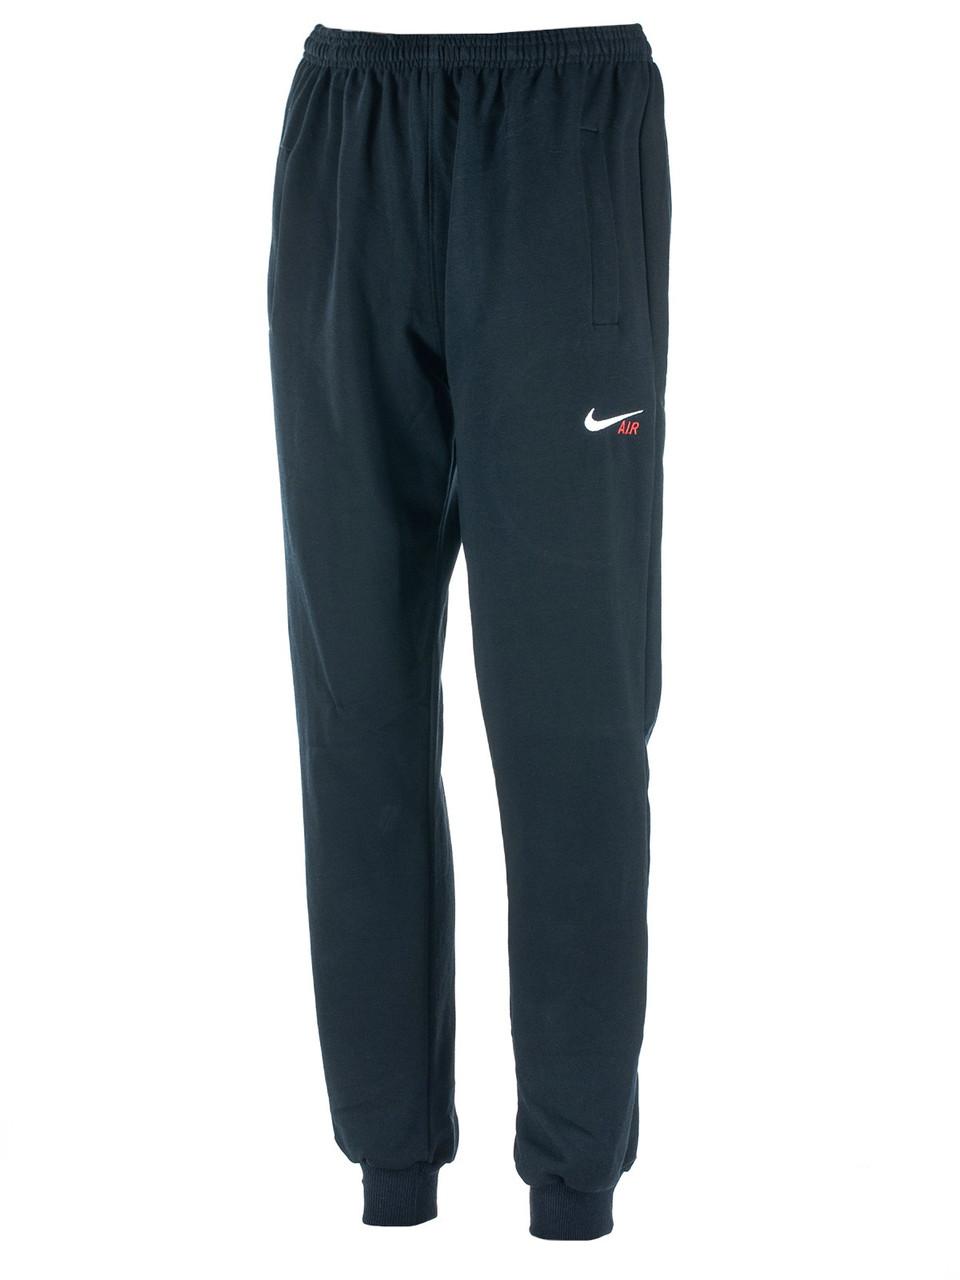 Мужские спортивные штаны оптом